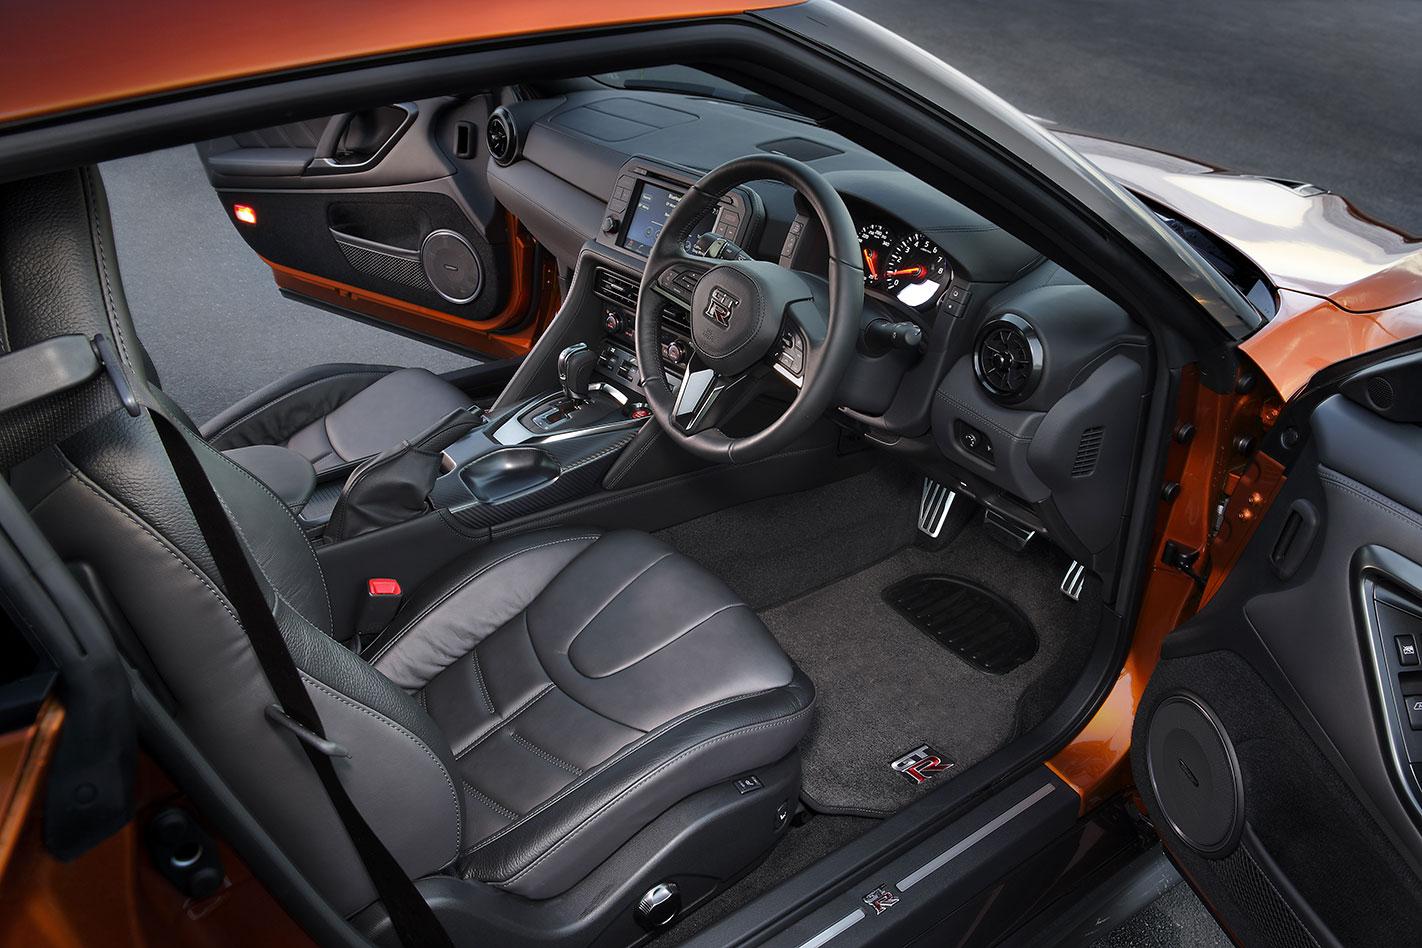 2017-Nissan GT-R interior